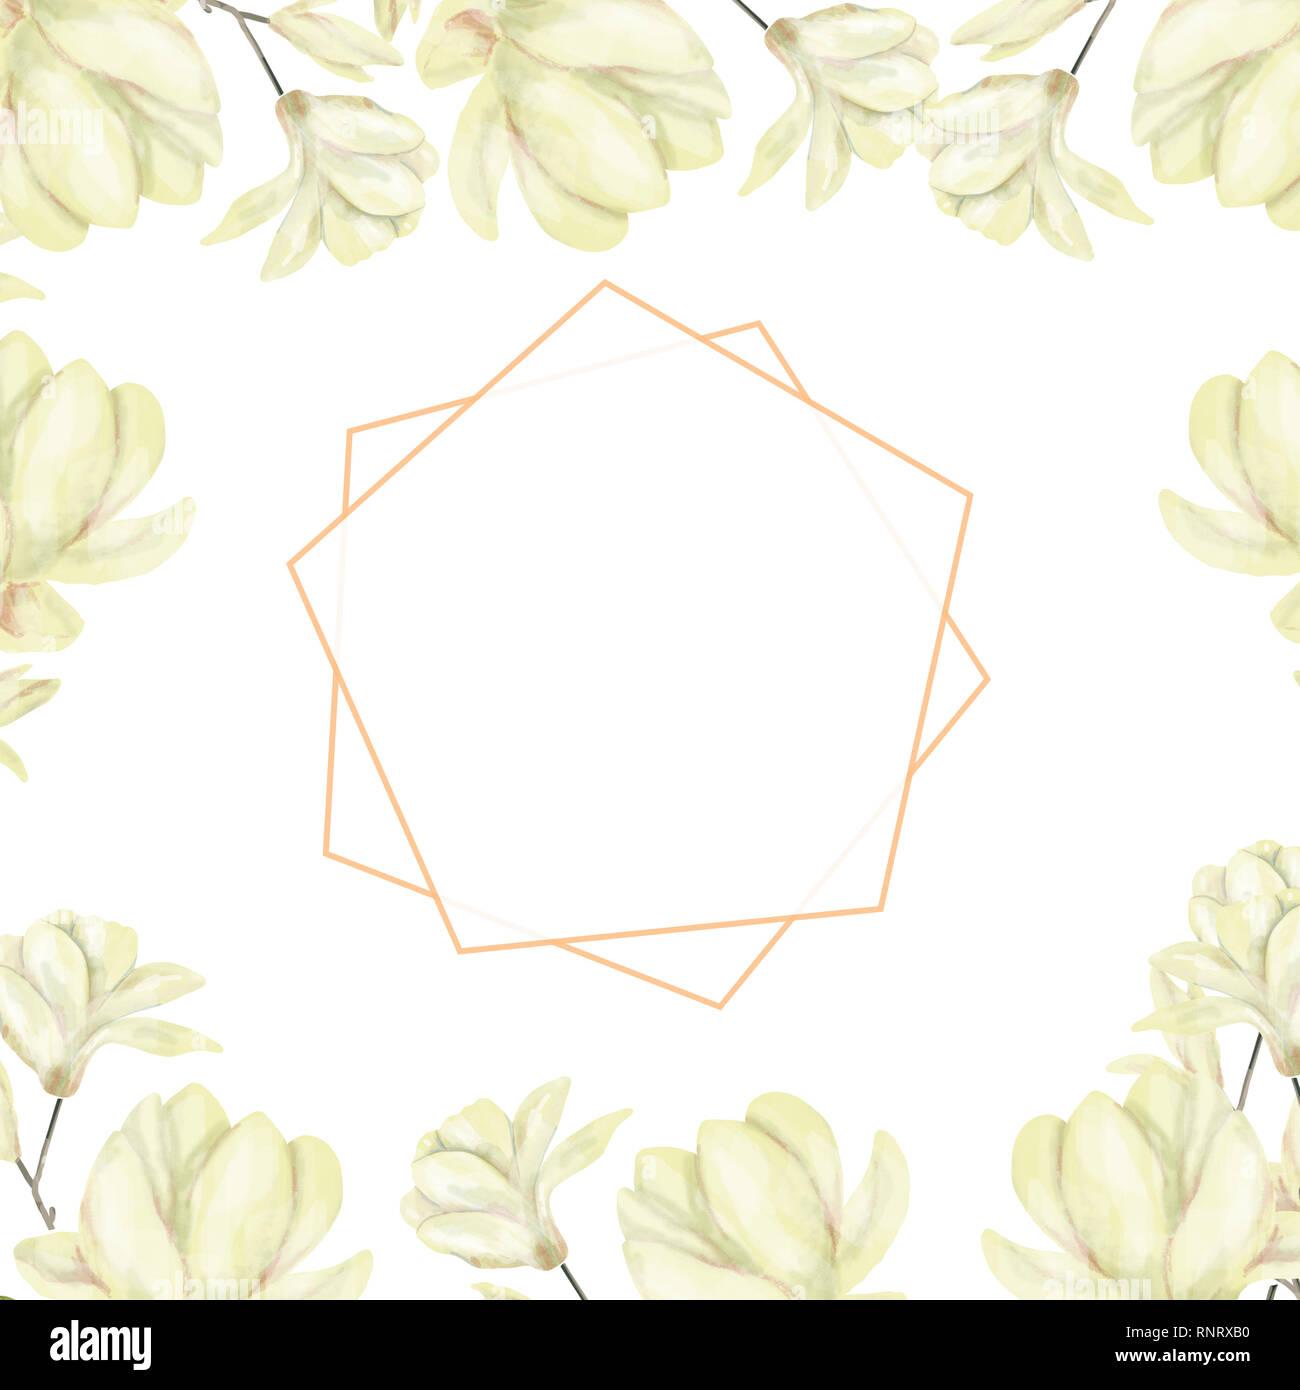 Hochzeit einladung floral einladen karte olive floralen und magnolia geometrische goldene rahmen drucken weißer hintergrund